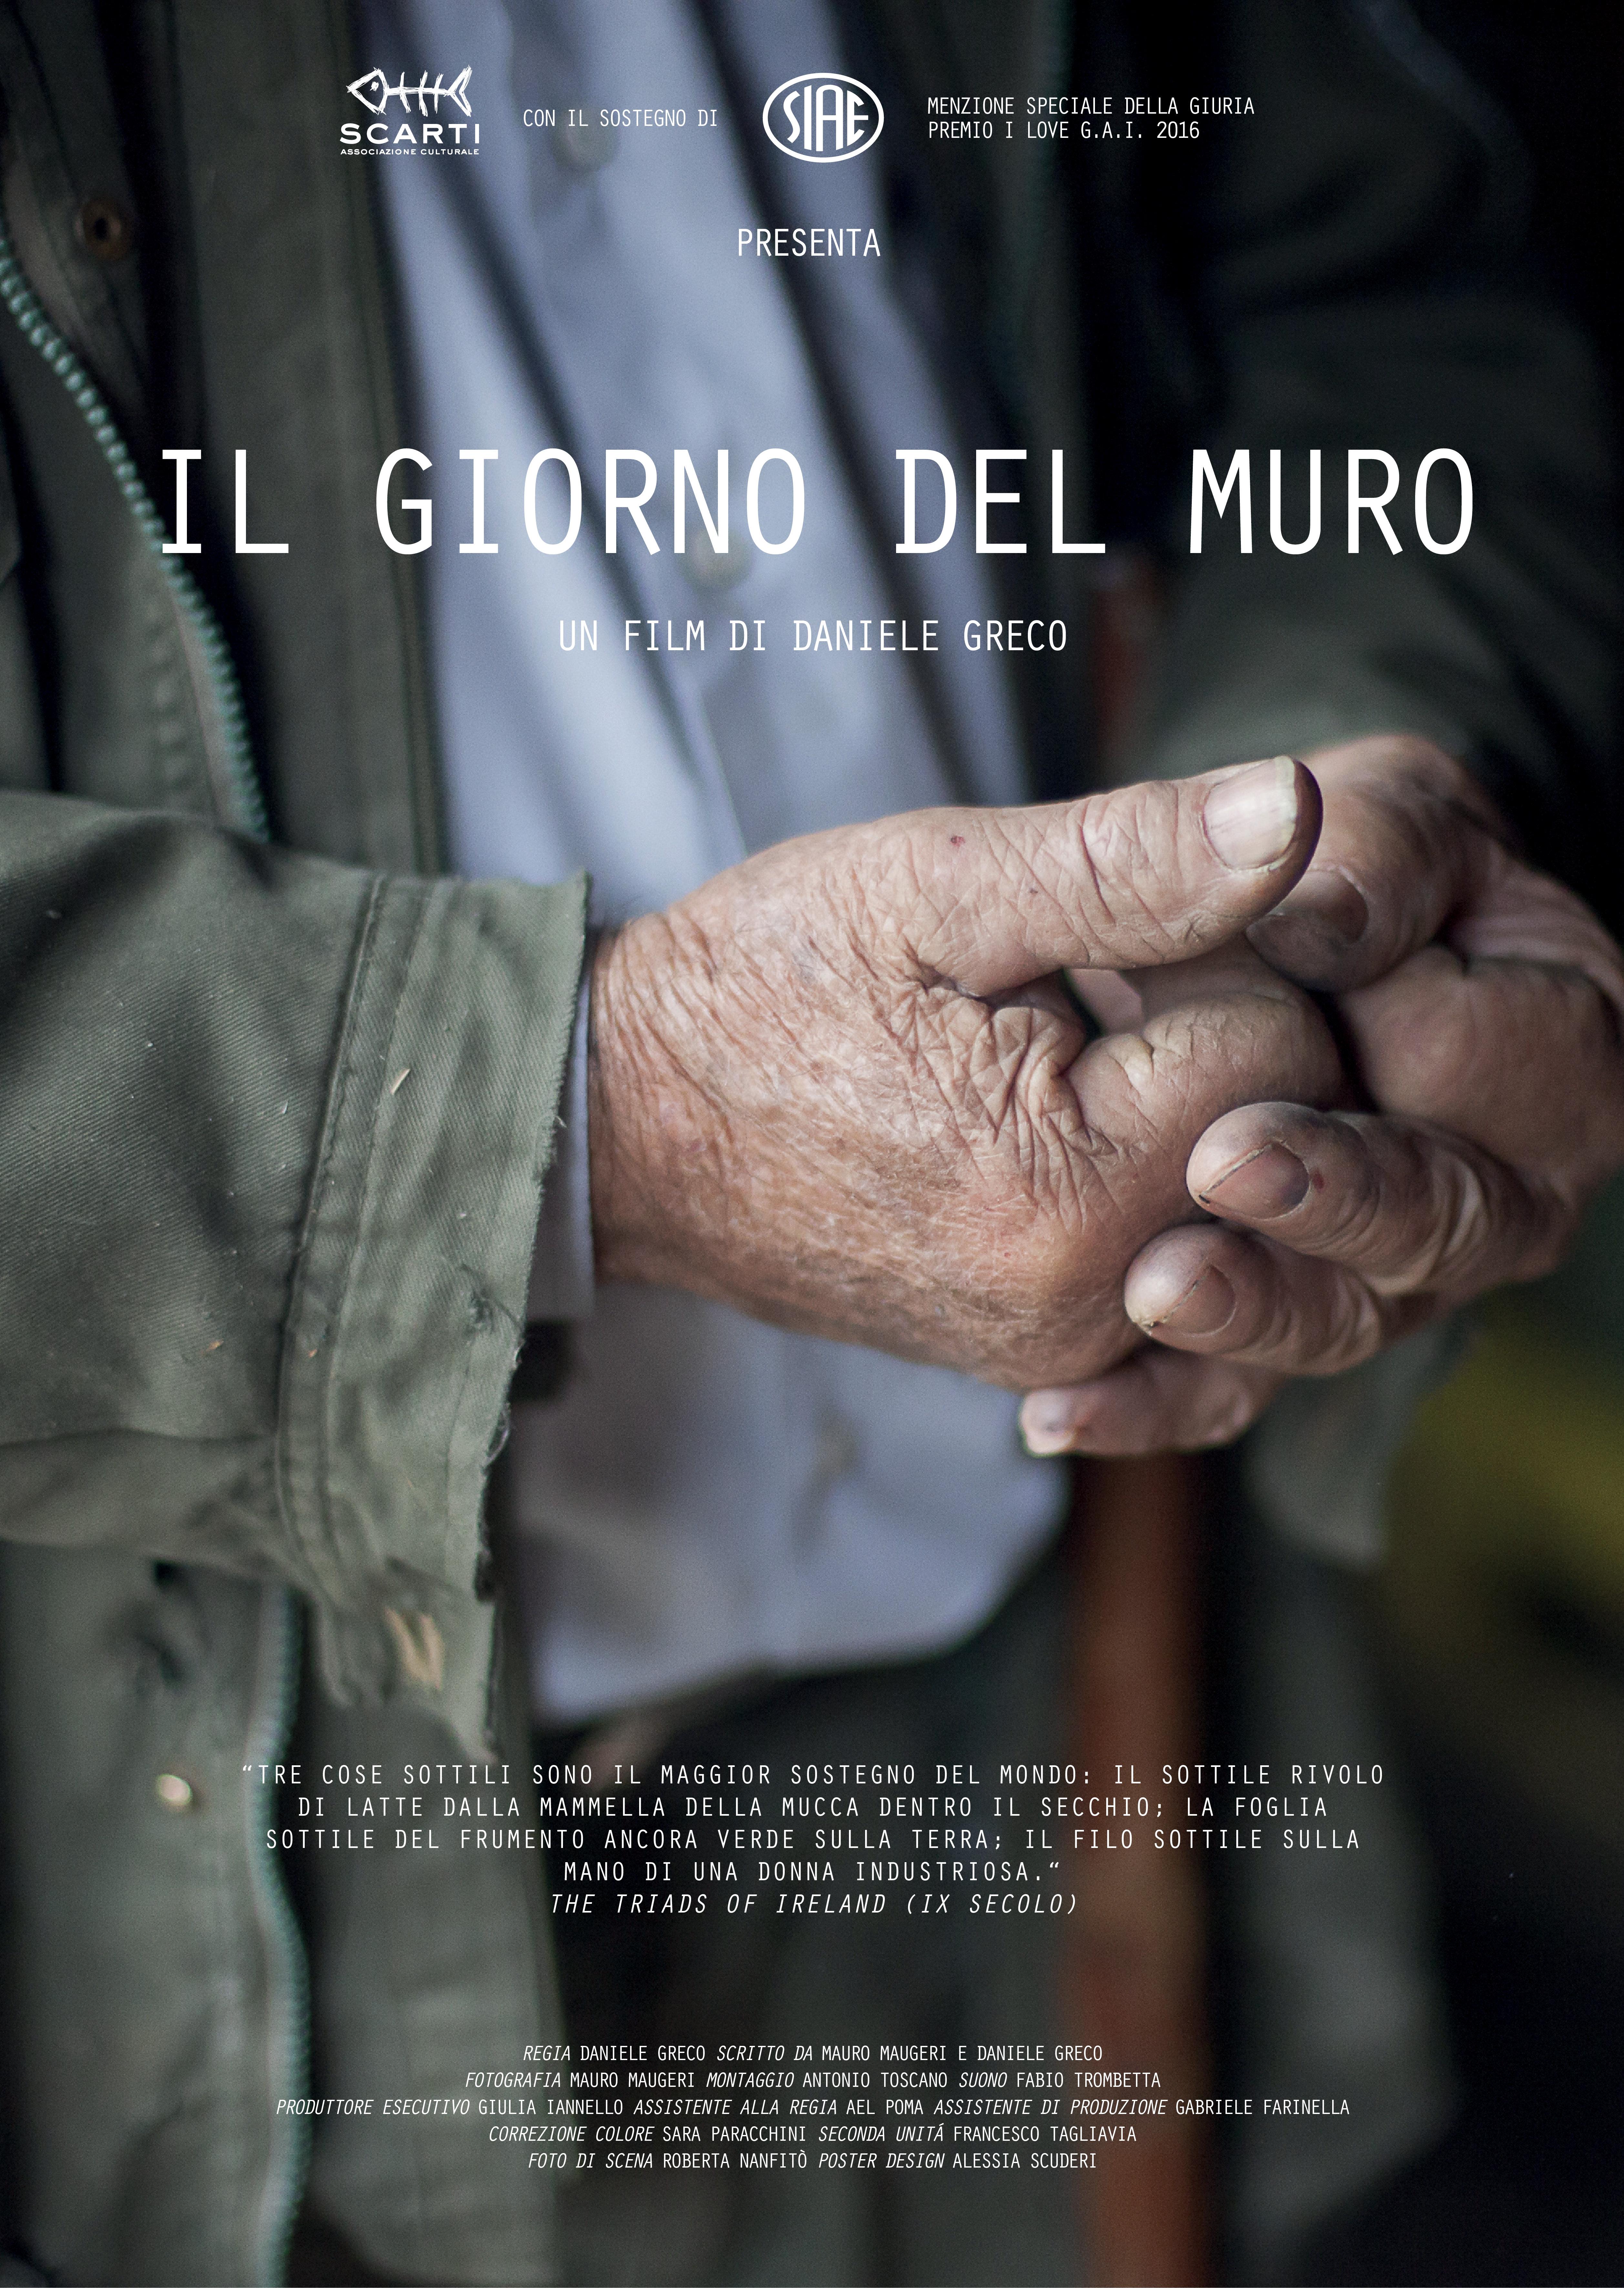 """Cinema / Documentario siciliano vince festival francese Traces de Vies, Prix de la Création a """"Il giorno del muro"""" di Daniele Greco"""